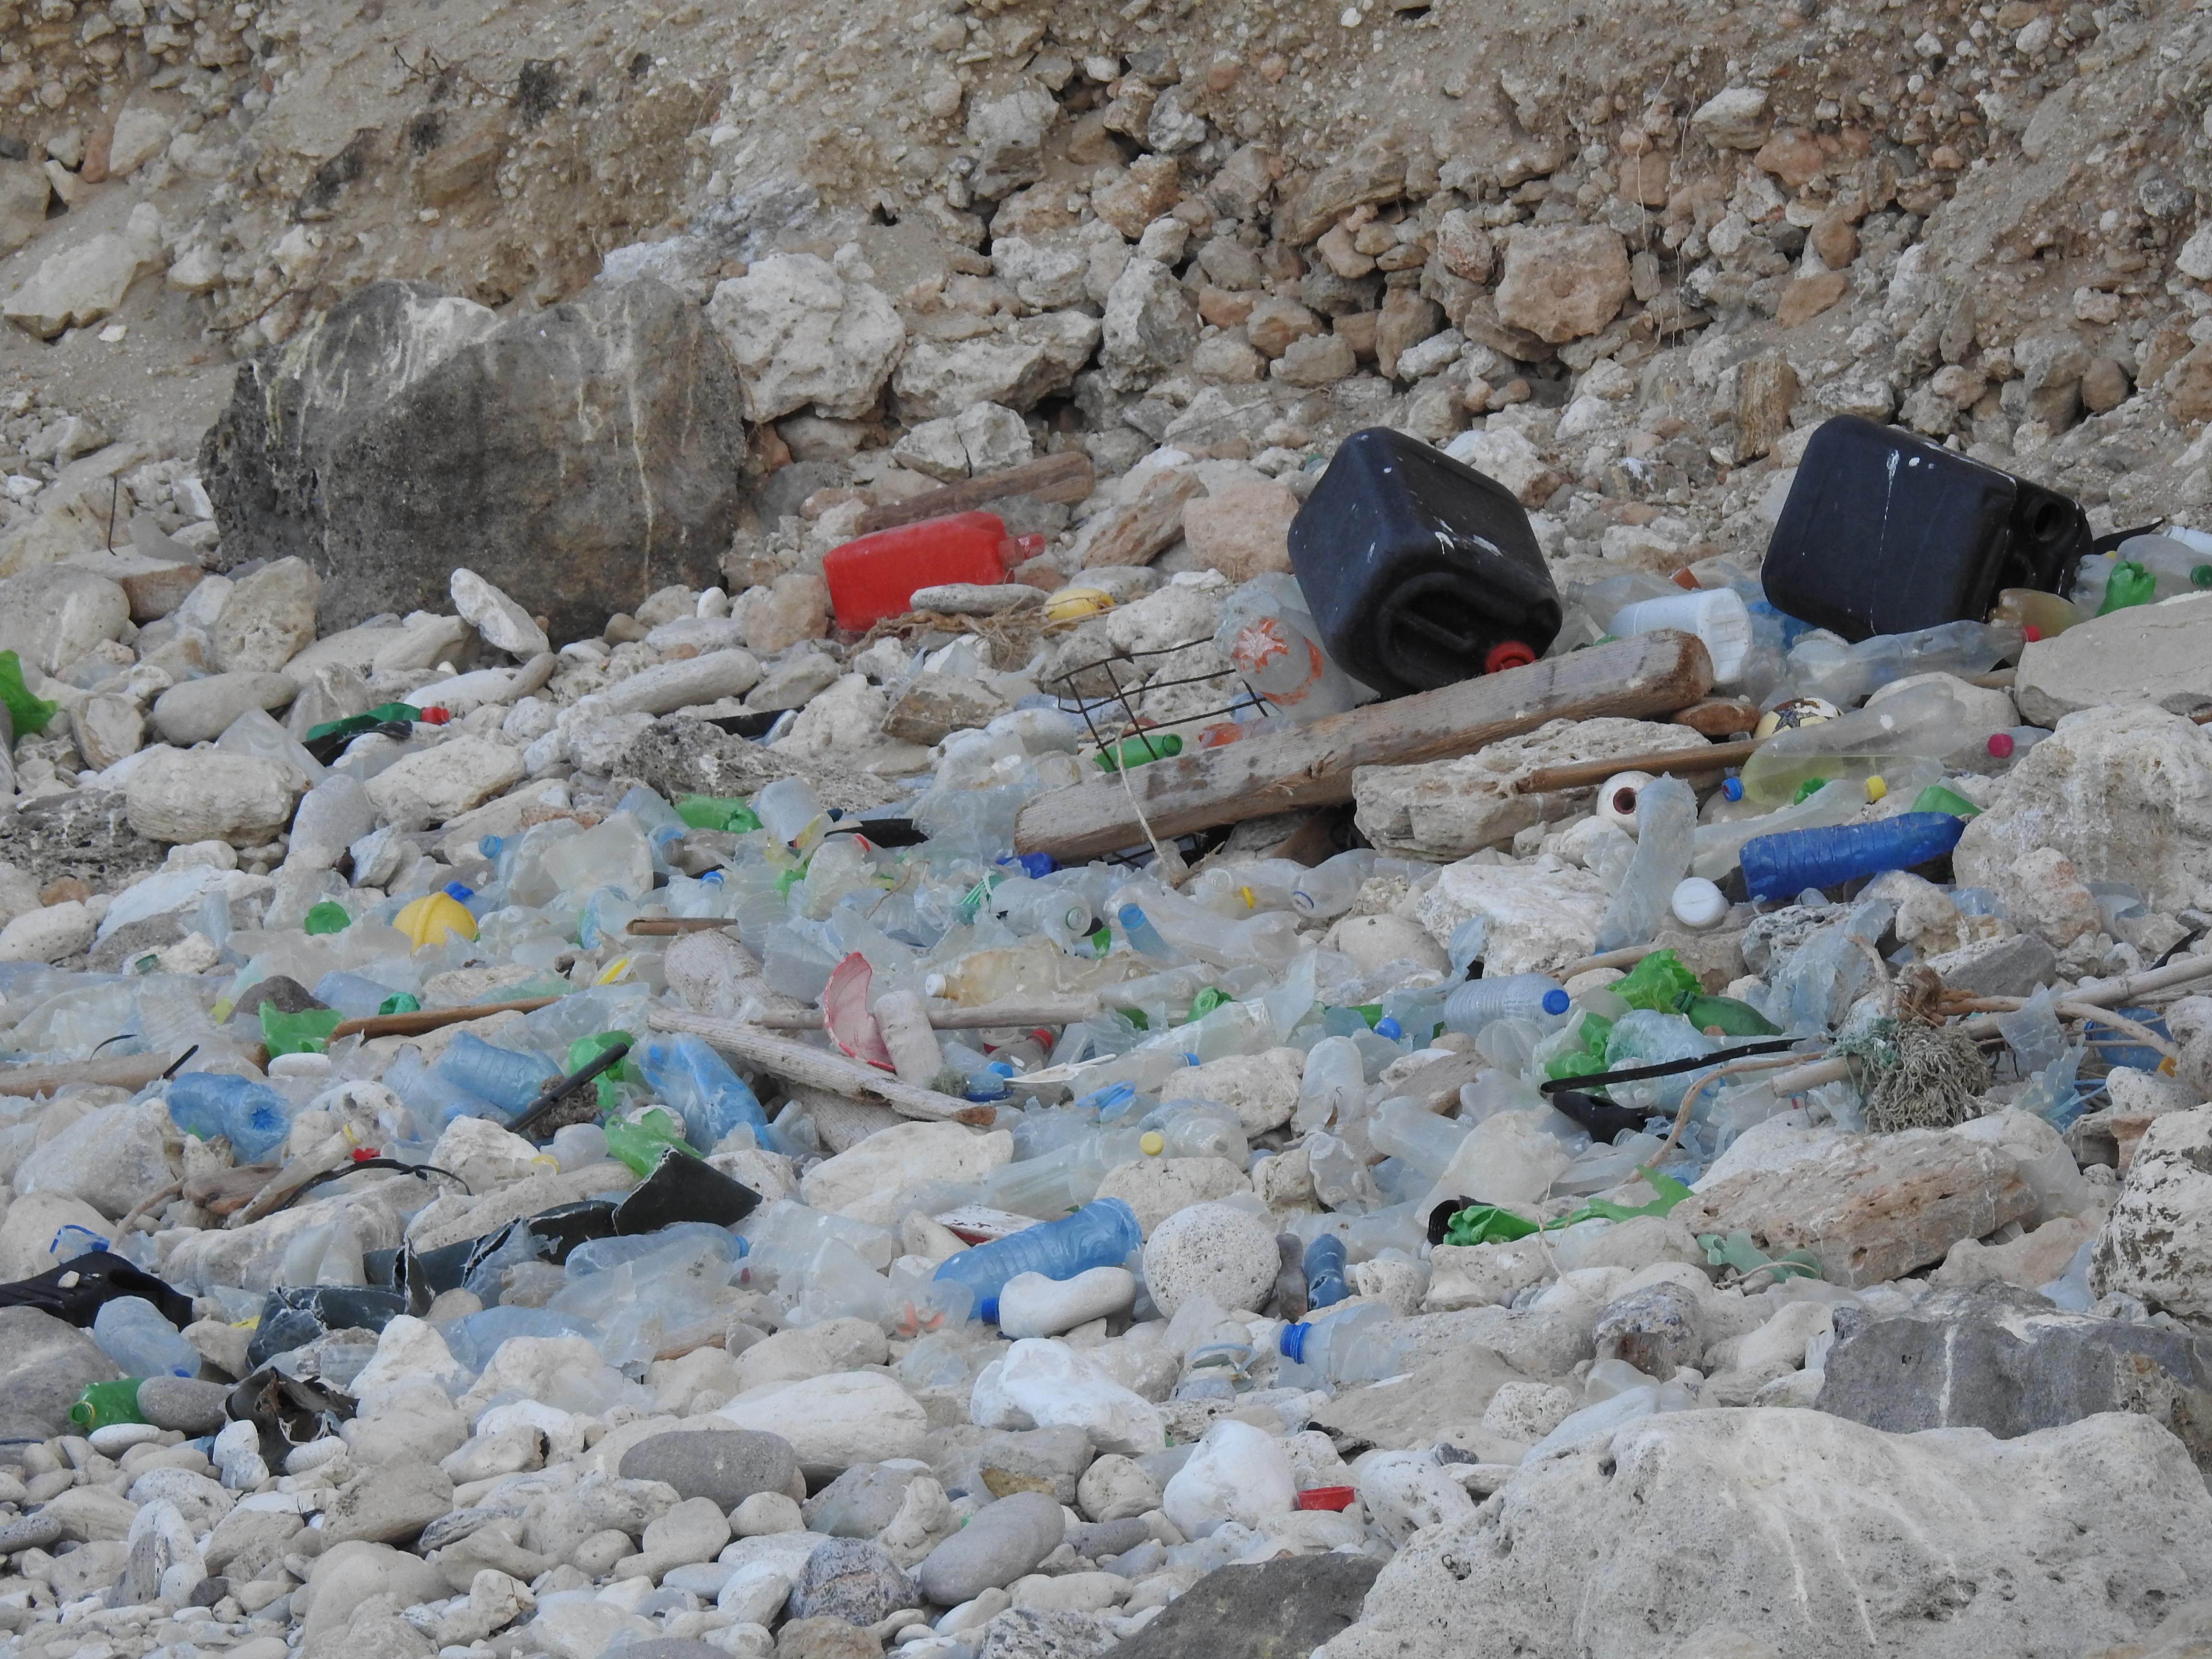 basuras marinas en playa de Melilla